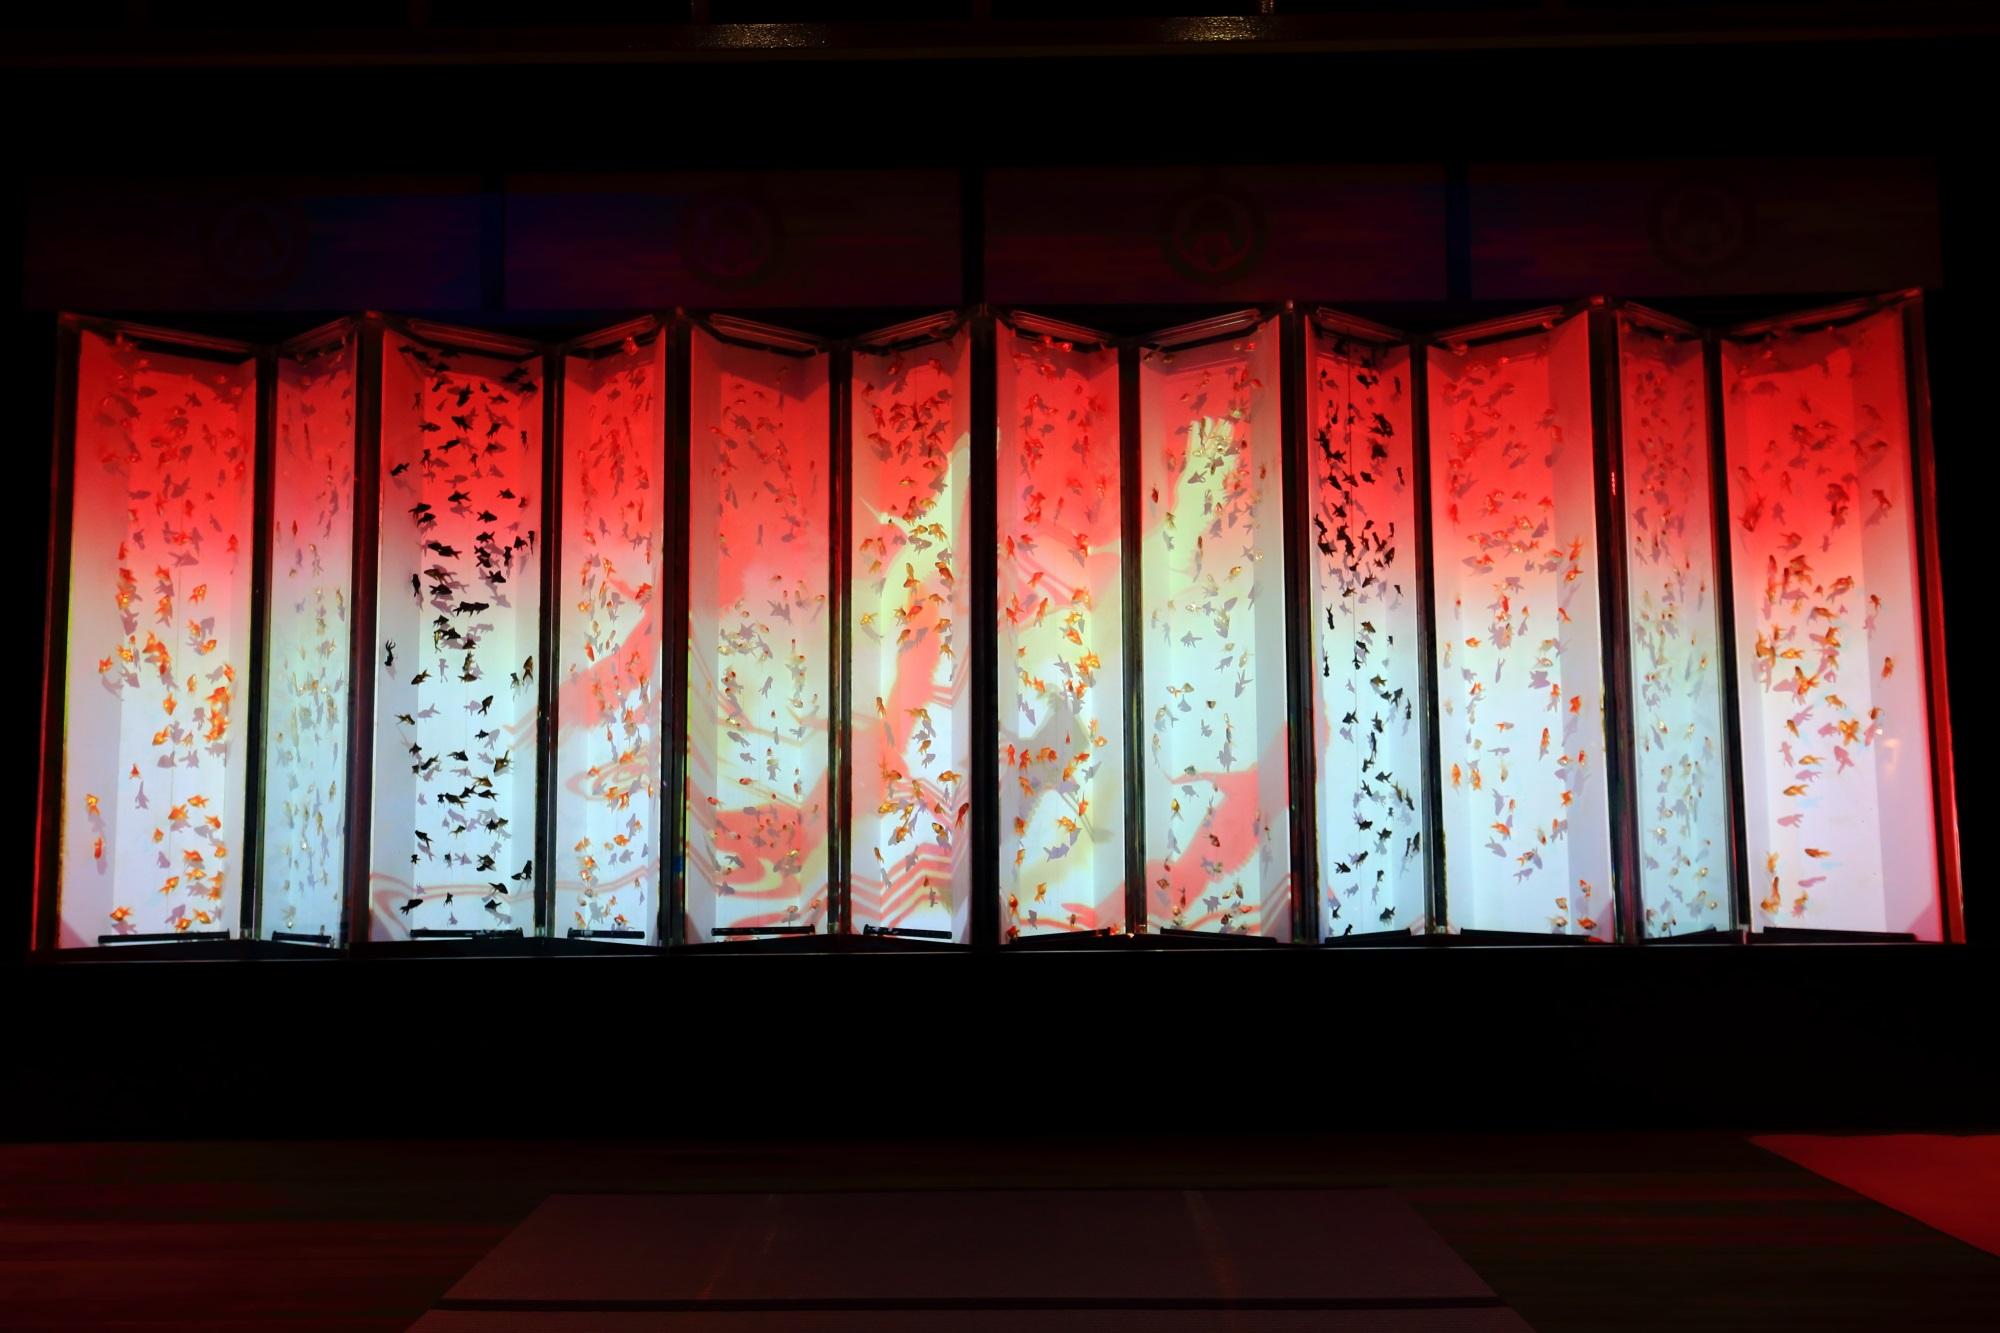 ビョウブリウム 金魚 幻想的 アートアクアリウム城 二条城